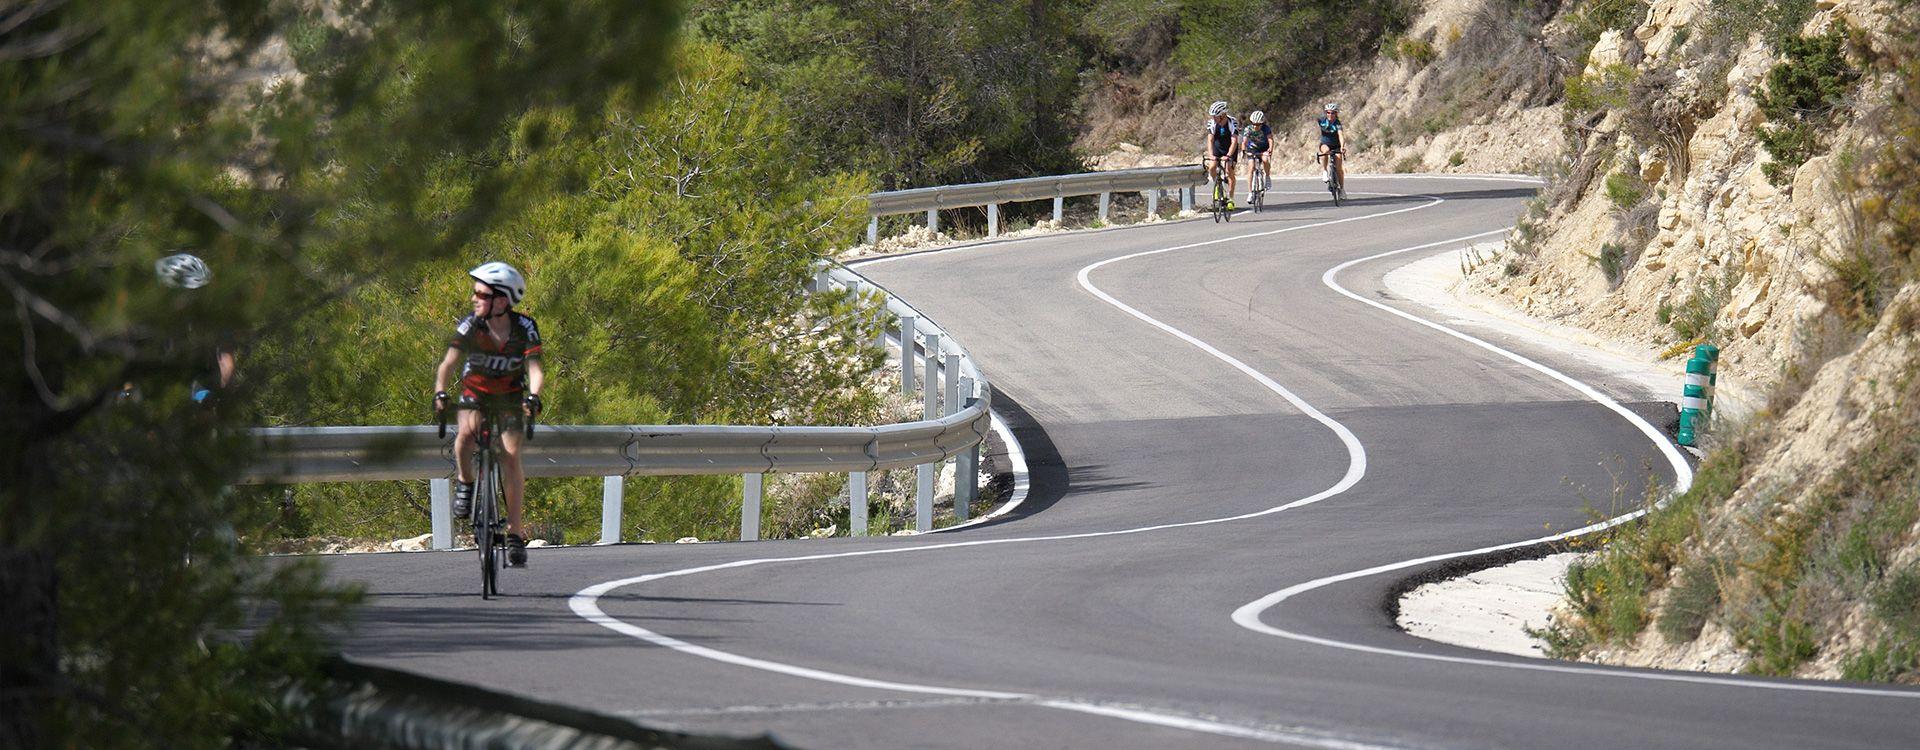 Mooie omgeving om te fietsen in Calpe